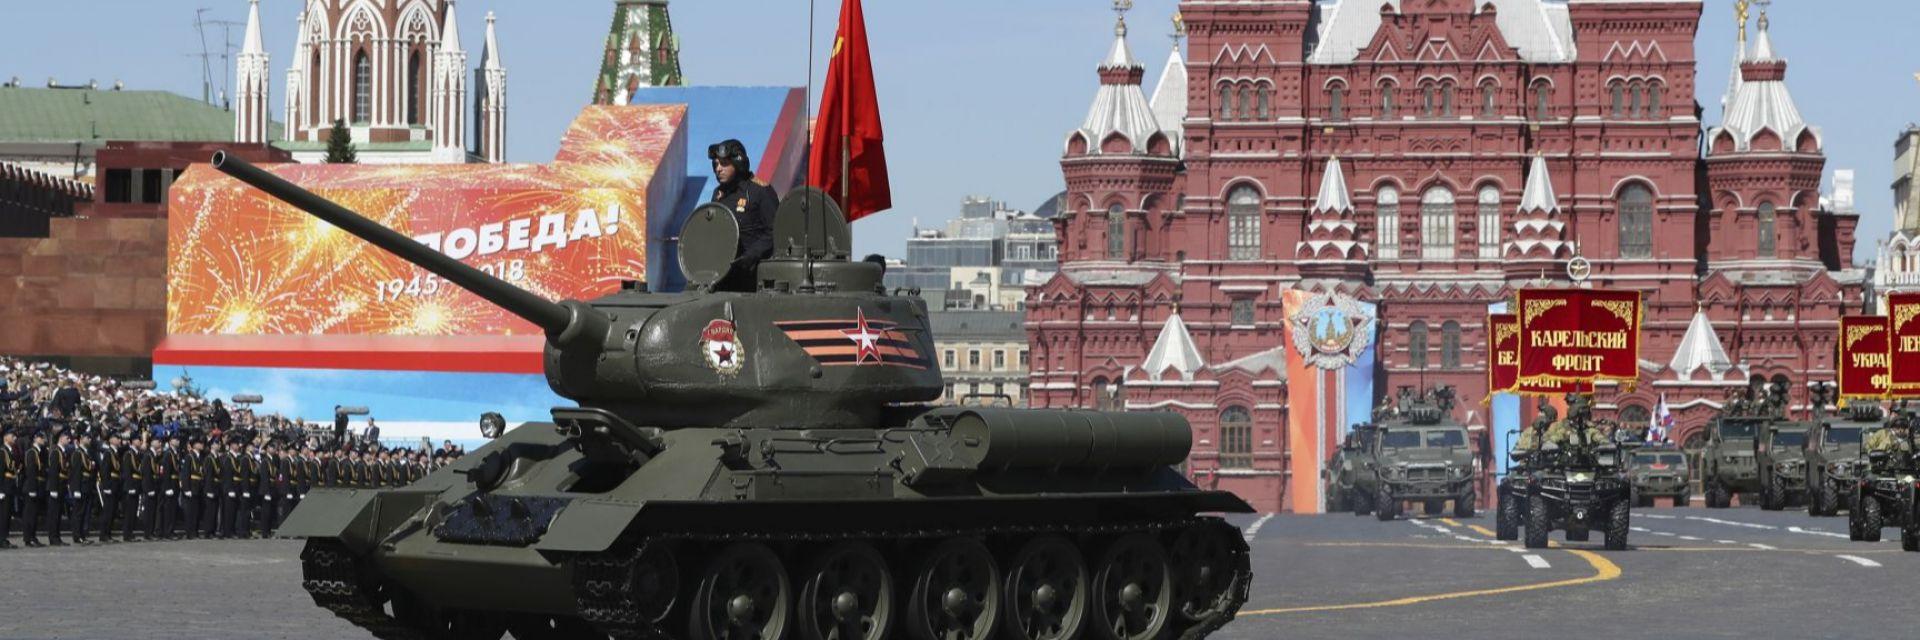 Грандиозен парад на победата в Москва